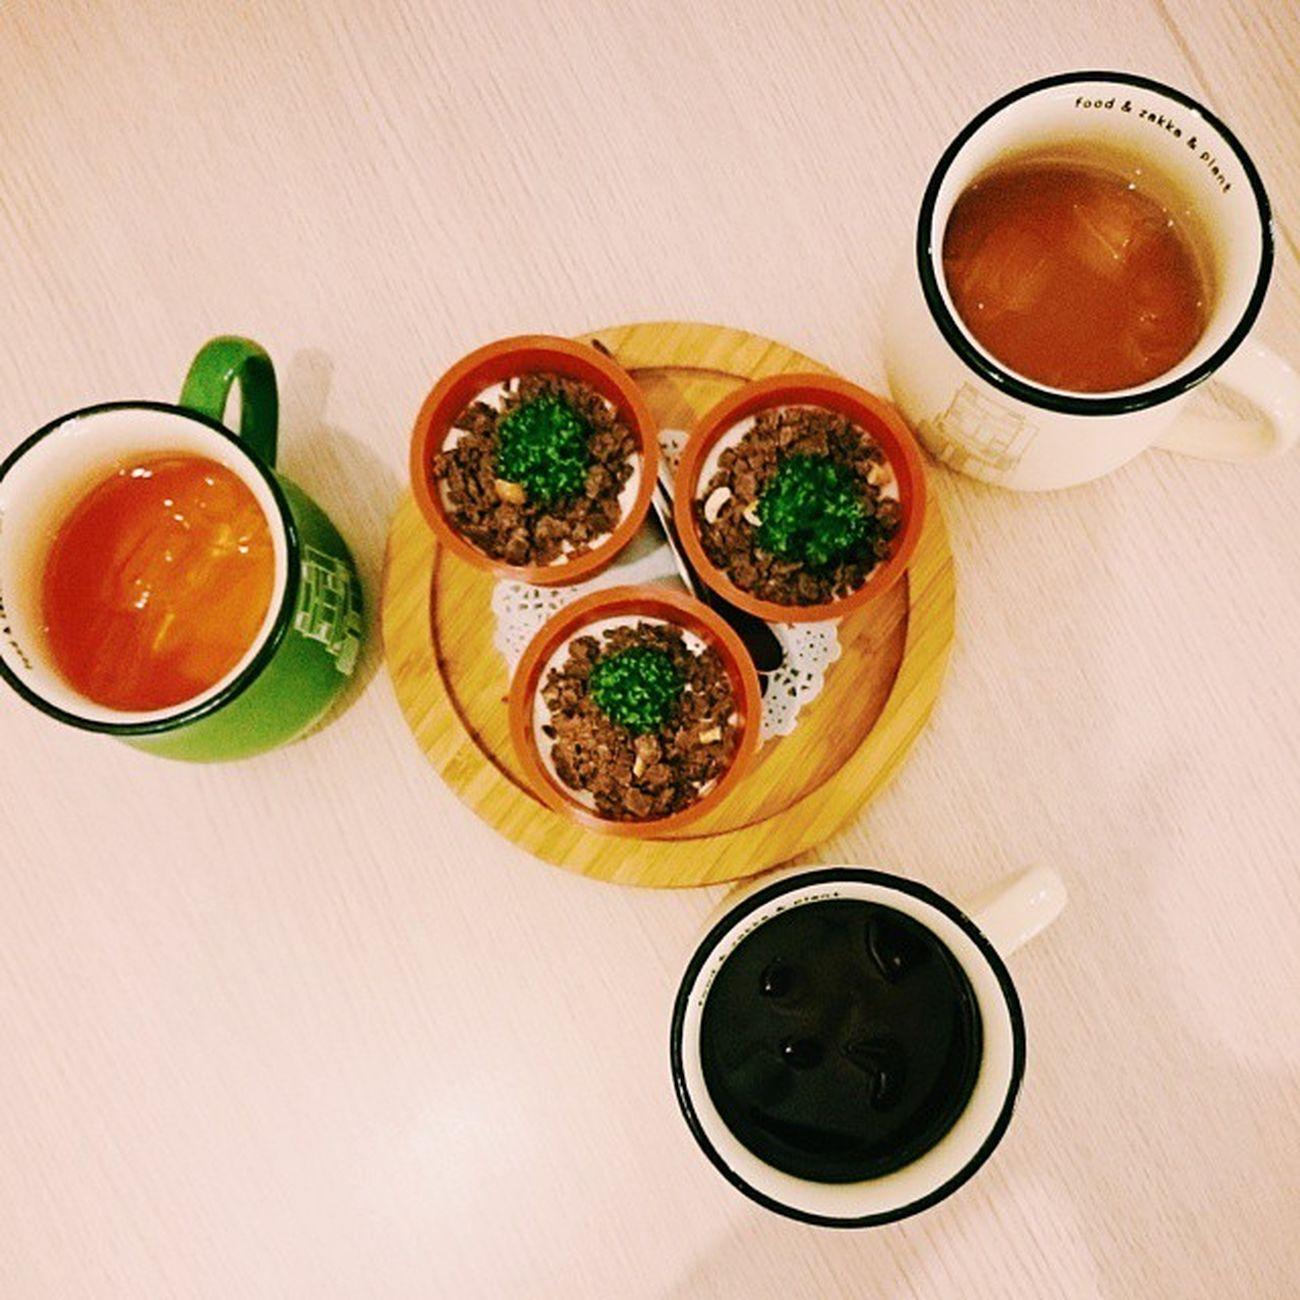 嘉義 午餐 巷子裡的小餐館 辣炒春川雞 花雕雞多肉植物 Zakka